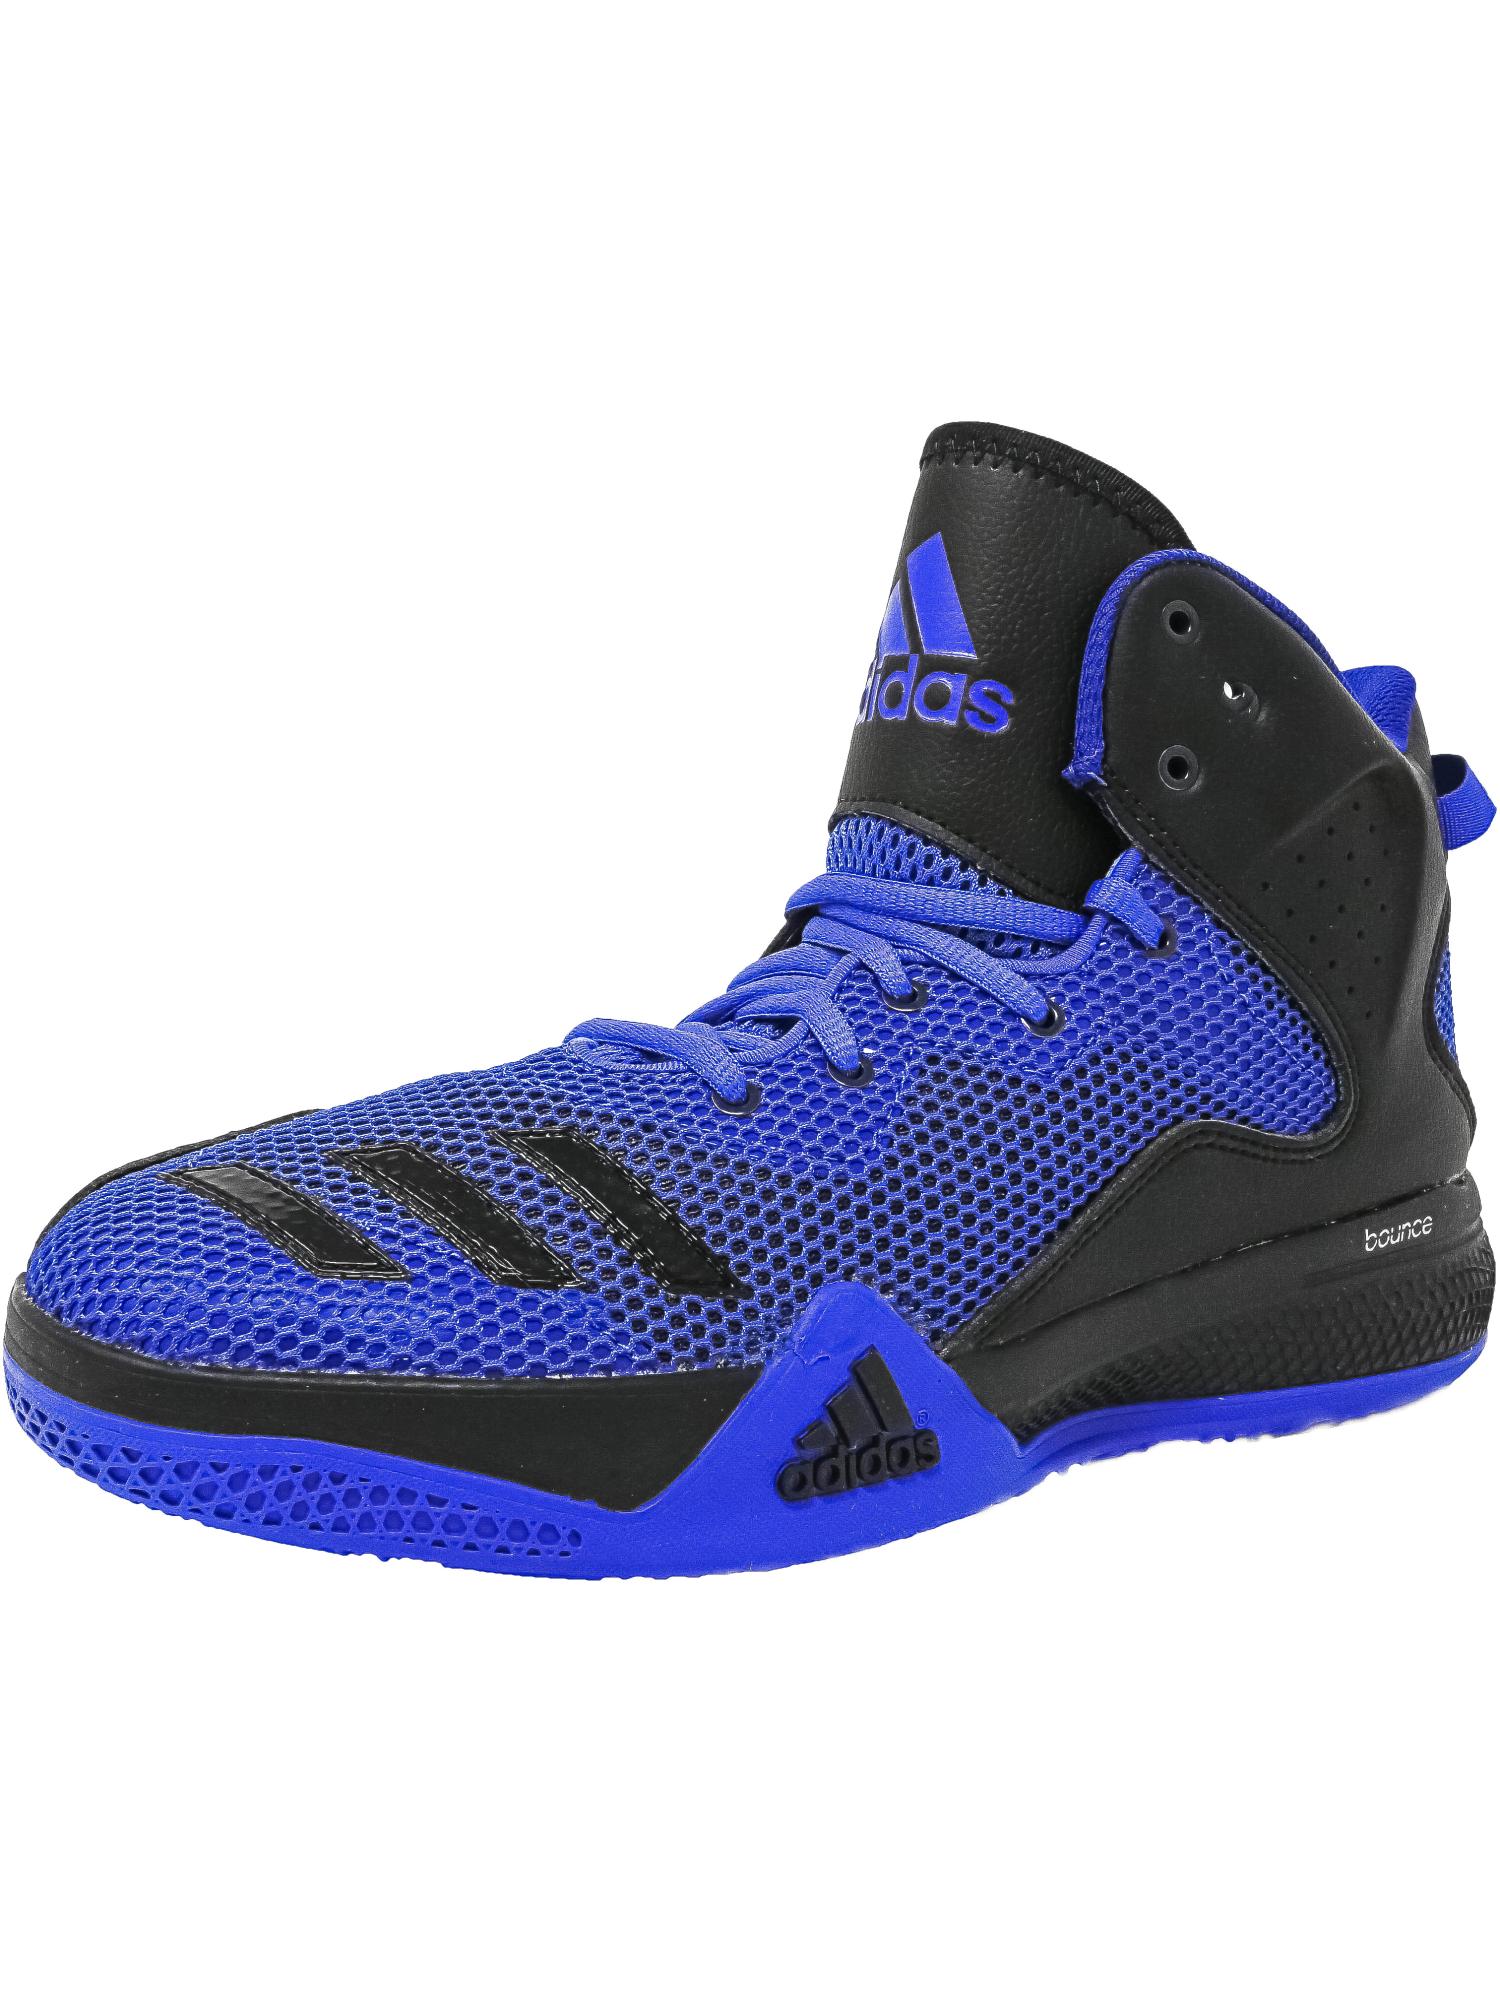 adidas dt bballname metà uomini di larghezza media, atletico, scarpe da basket